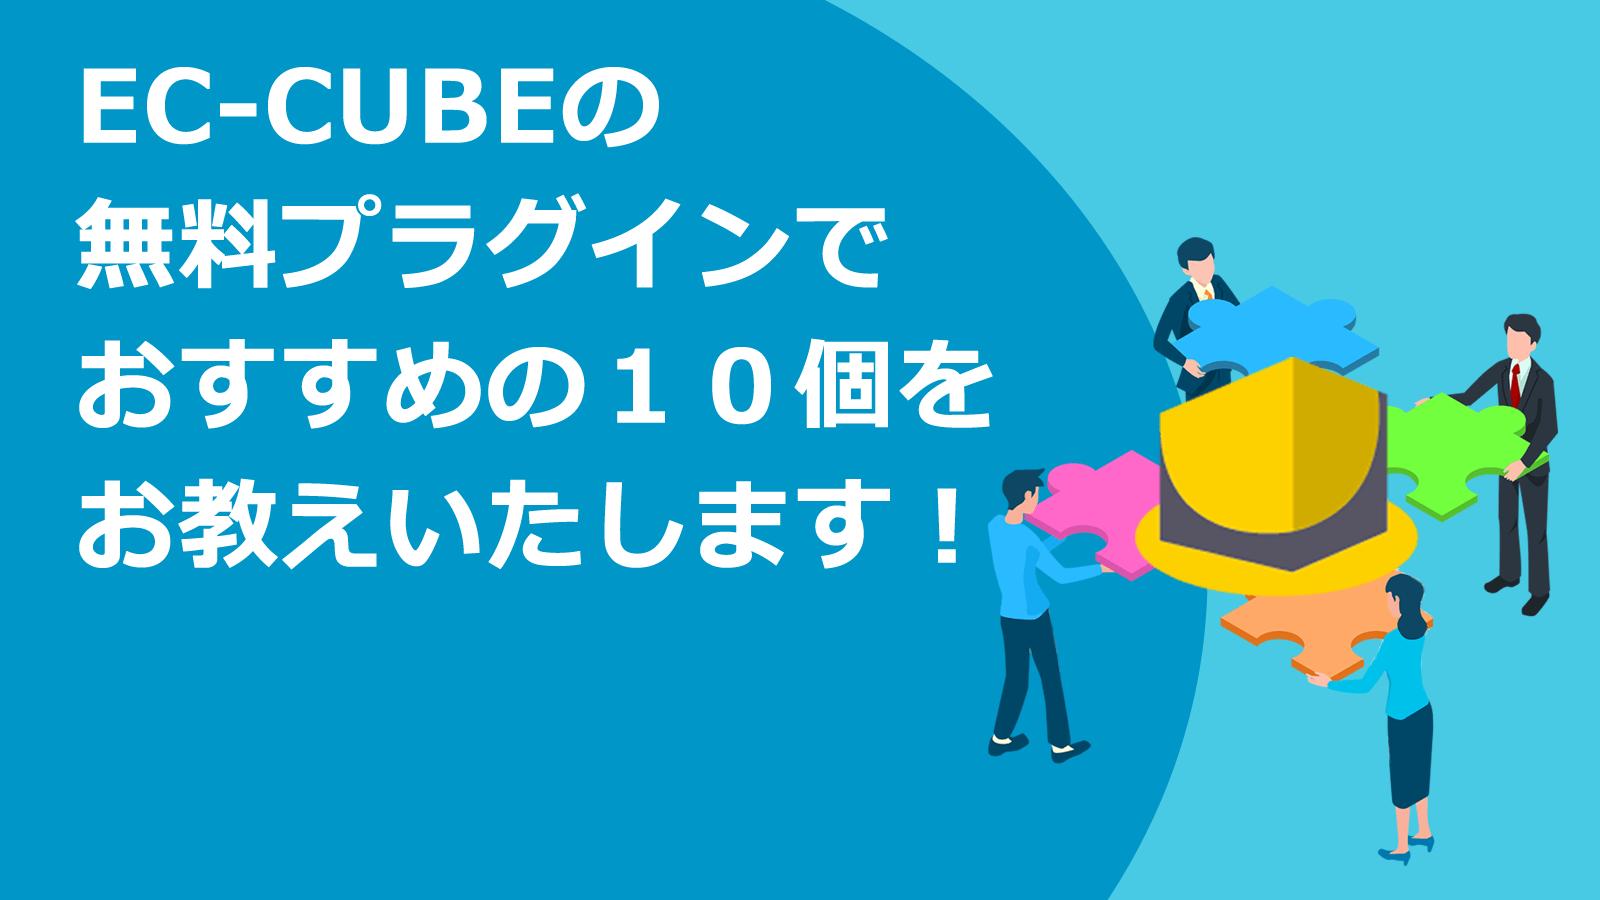 EC-CUBE無料プラグインおすすめ10個を徹底解説 無料で売れるECサイトを制作できます!